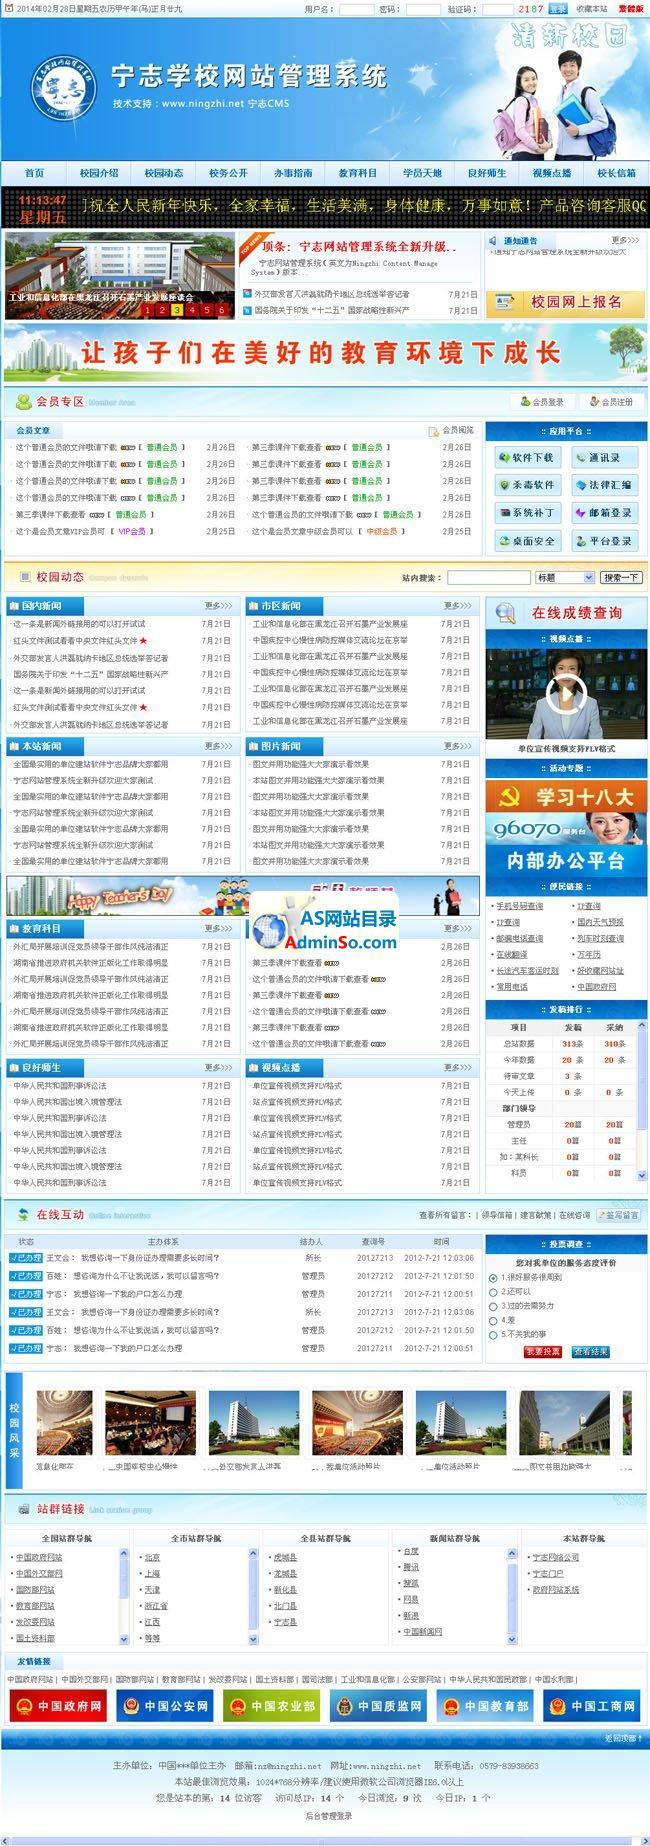 宁志天蓝色中小学校网站管理系统+会员功能